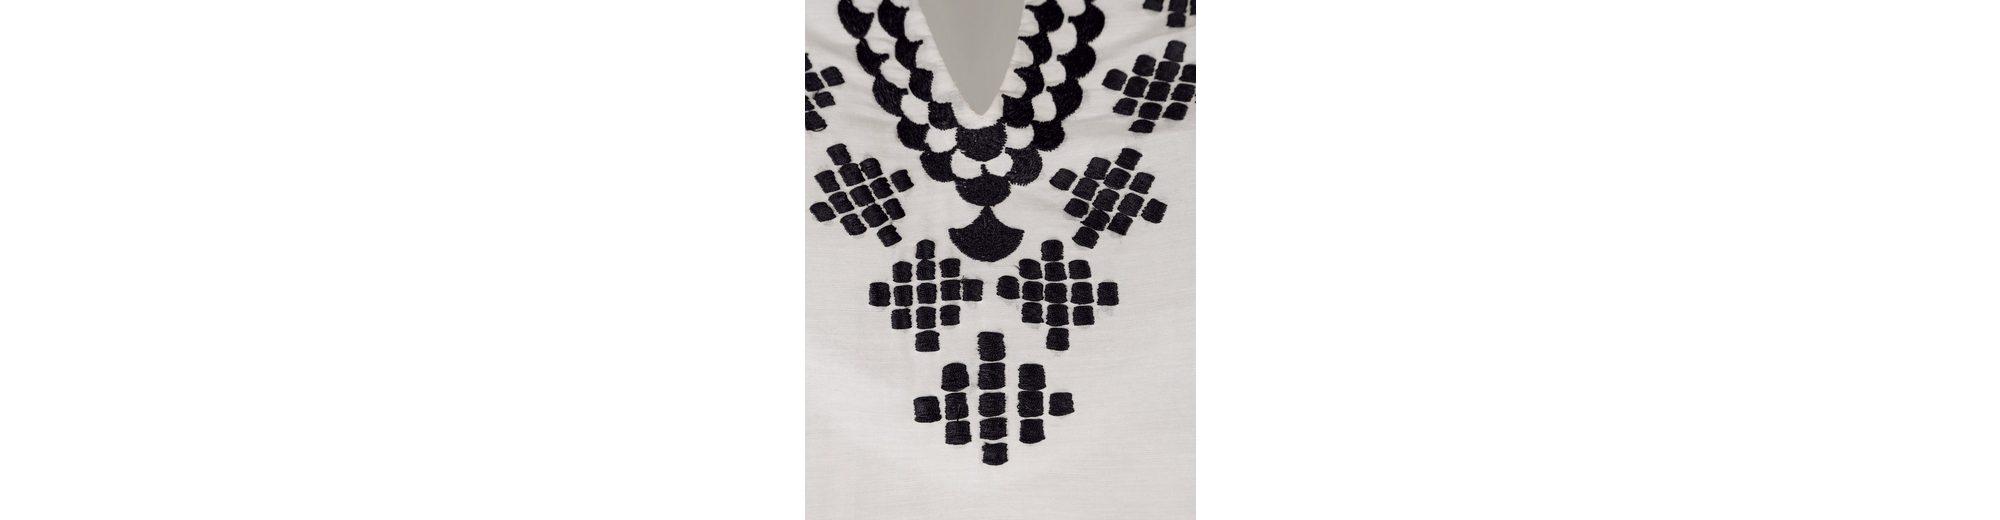 Alba Moda Tunika mit kontrastfarbiger Stickerei Aufwendig bestickt Günstig Kaufen Eastbay Original-Verkauf Spielraum Niedrigsten Preis Billig Bester Ort 9WsDKD4zEW